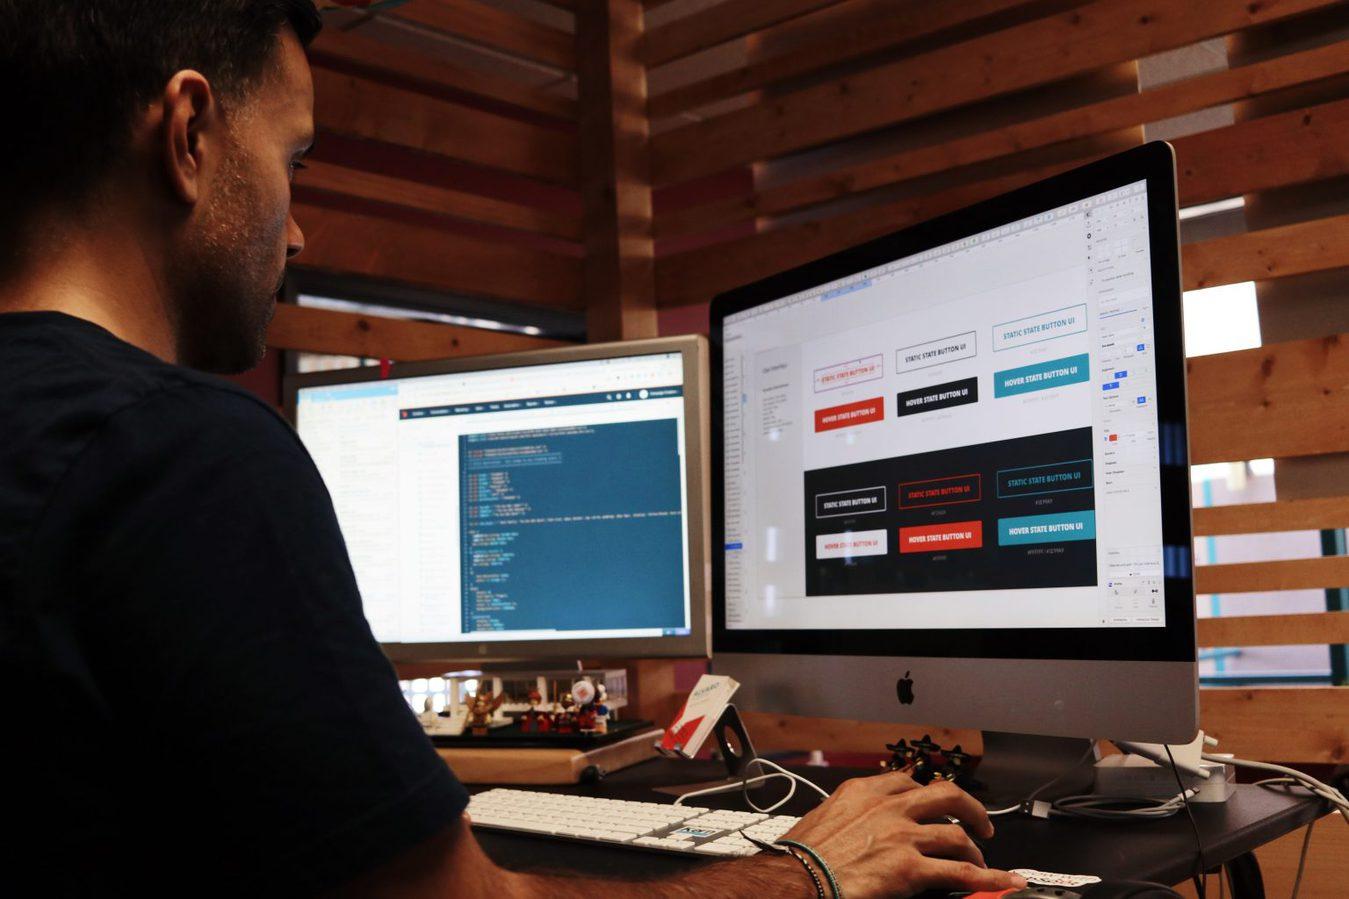 hombre sentado en el escritorio frente a dos monitores de computadora